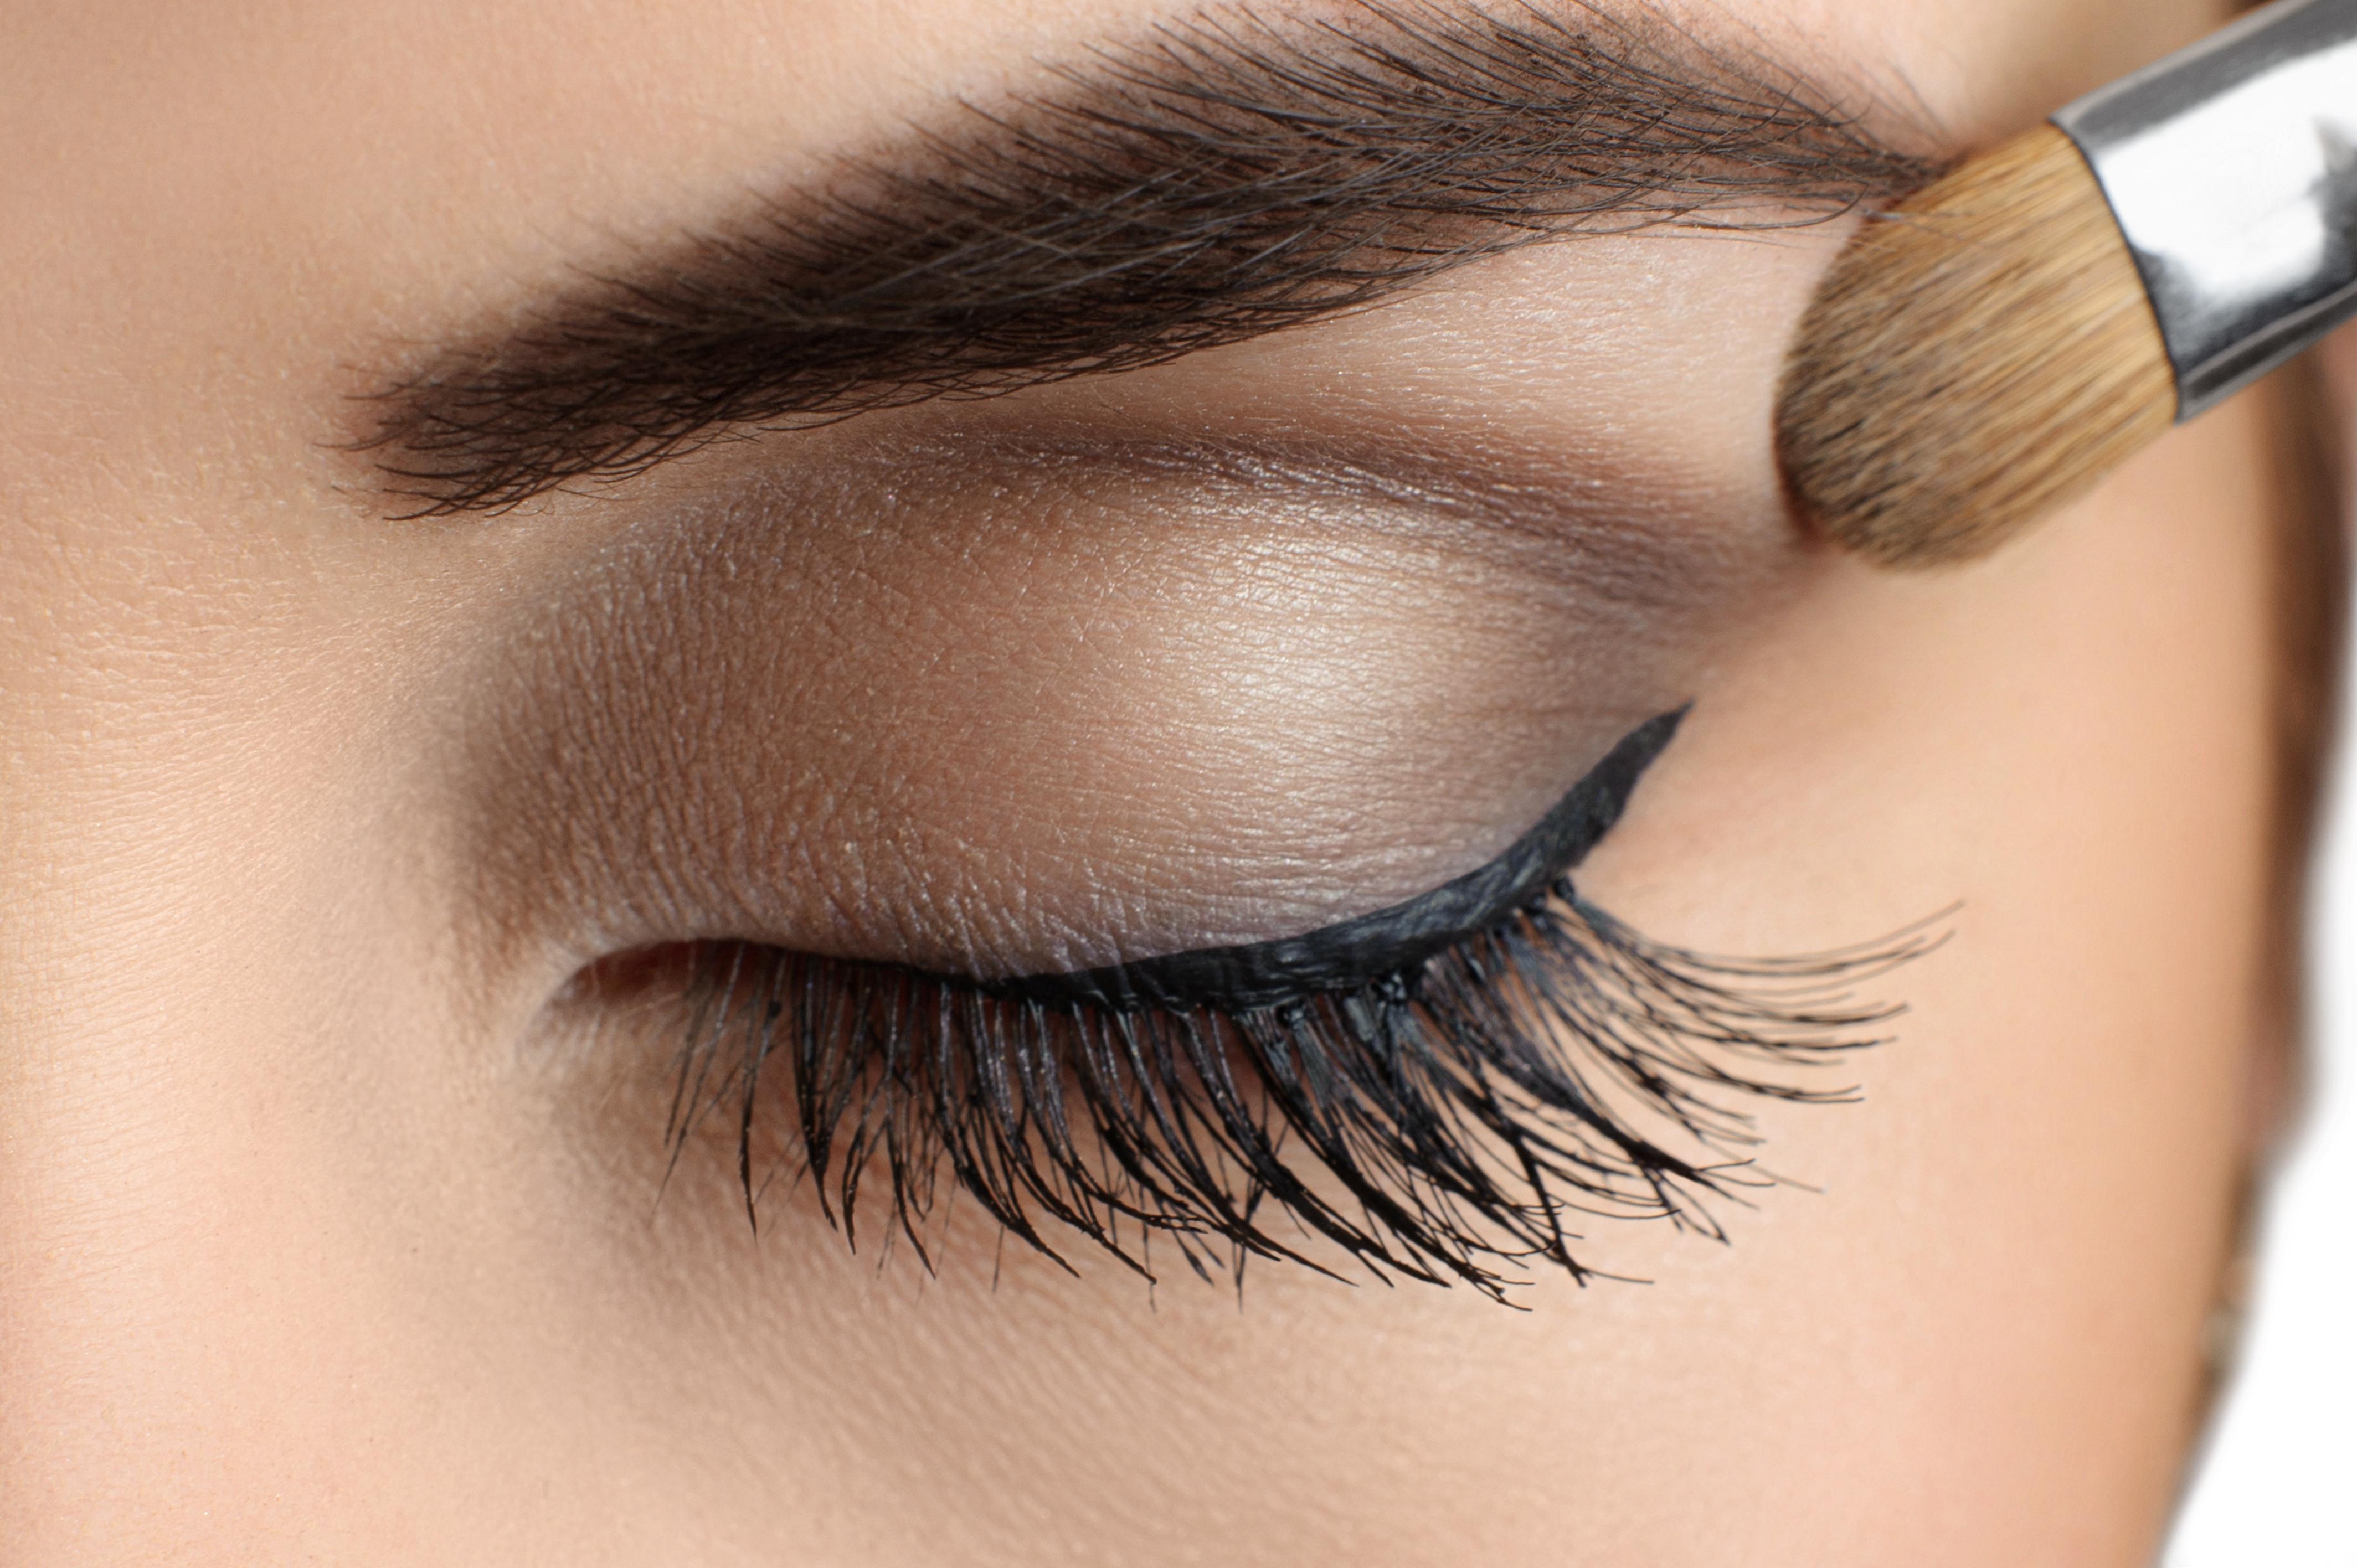 9c9279a8e28e Palette Play  Smokey eye perfection with MAC Cosmetics